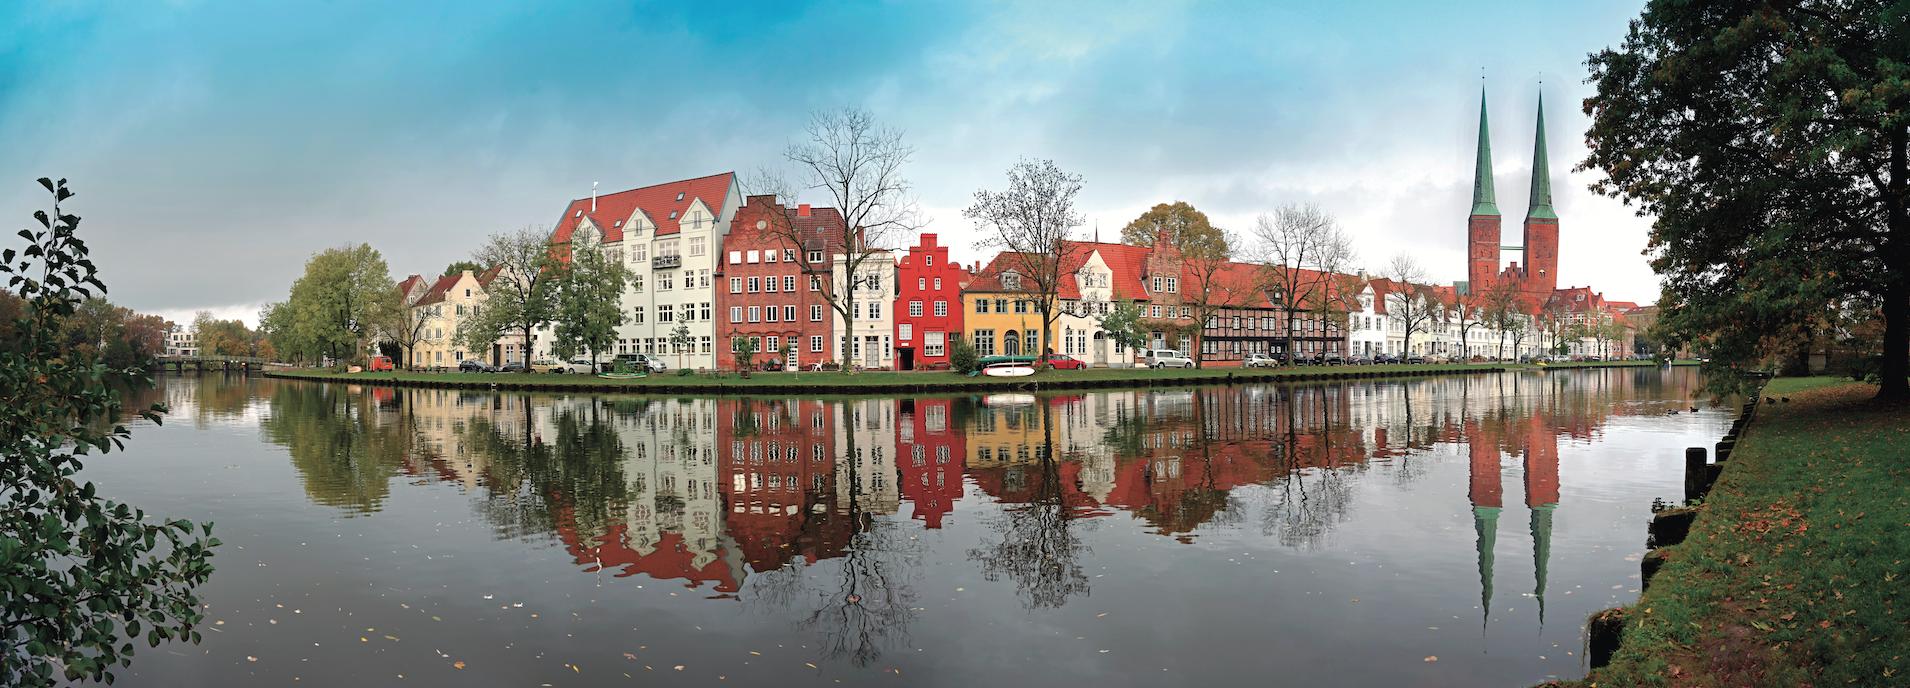 Lübeck (Alemanya)